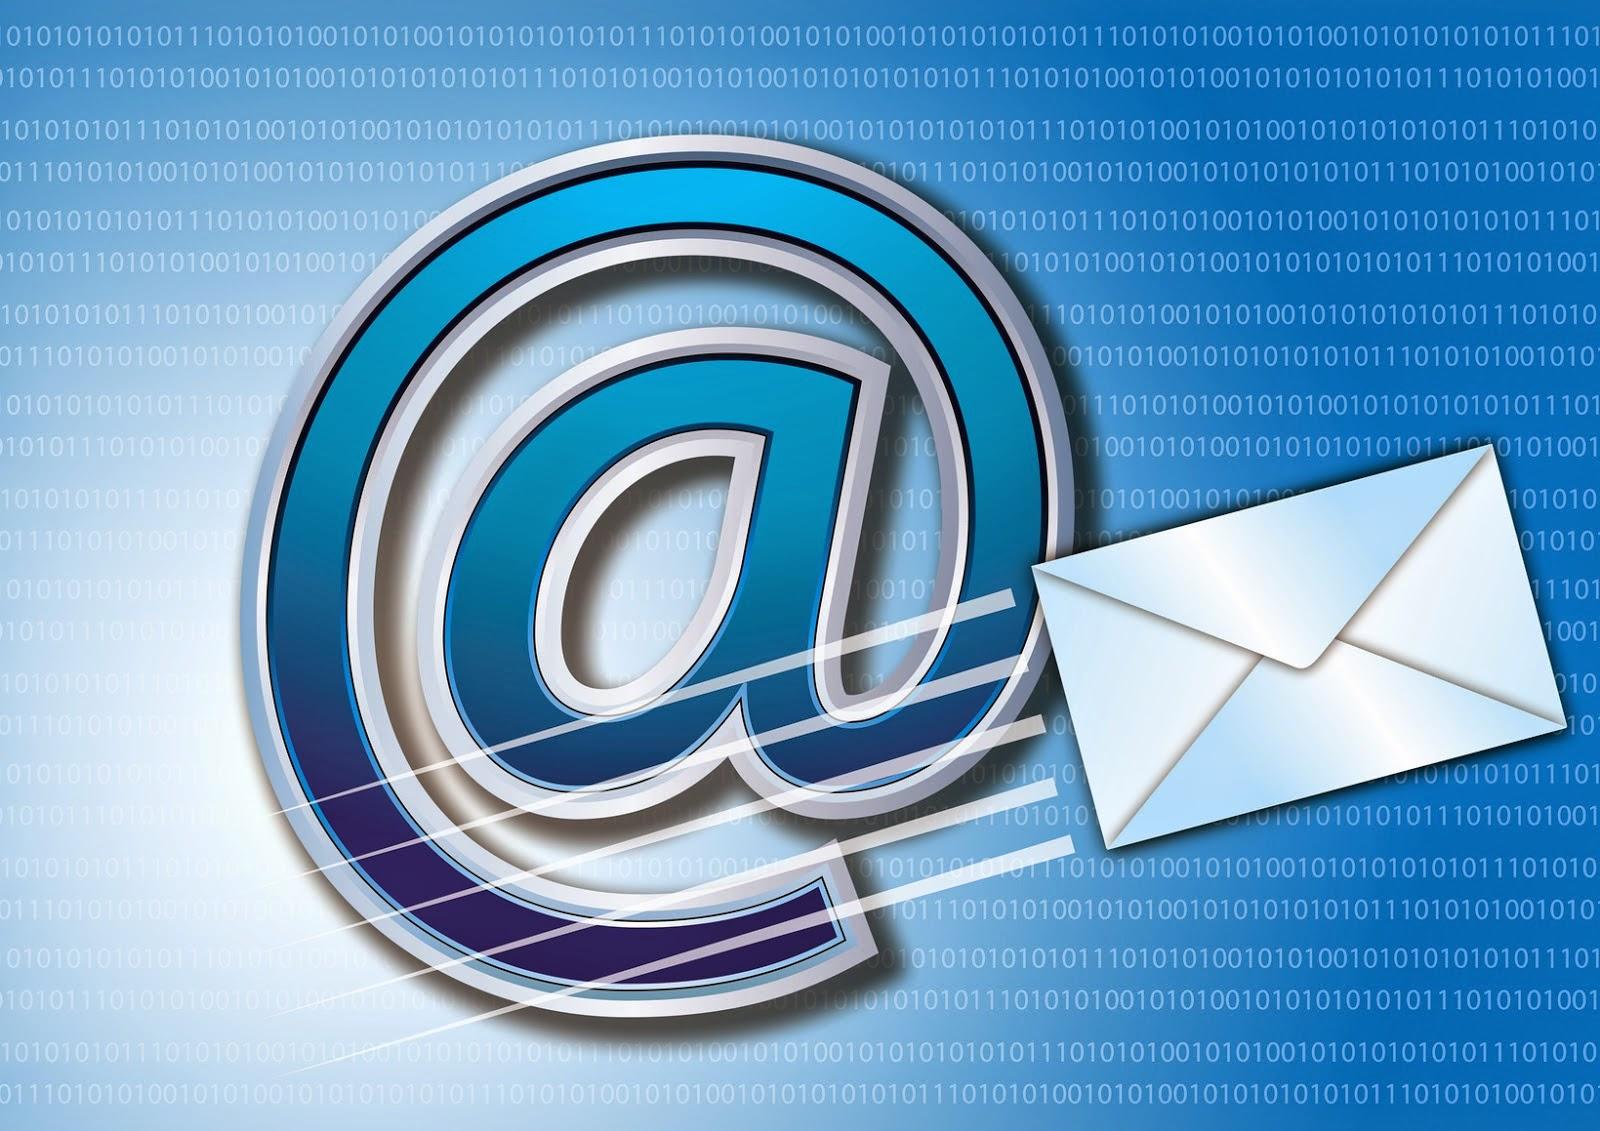 envie um e-mail agora!